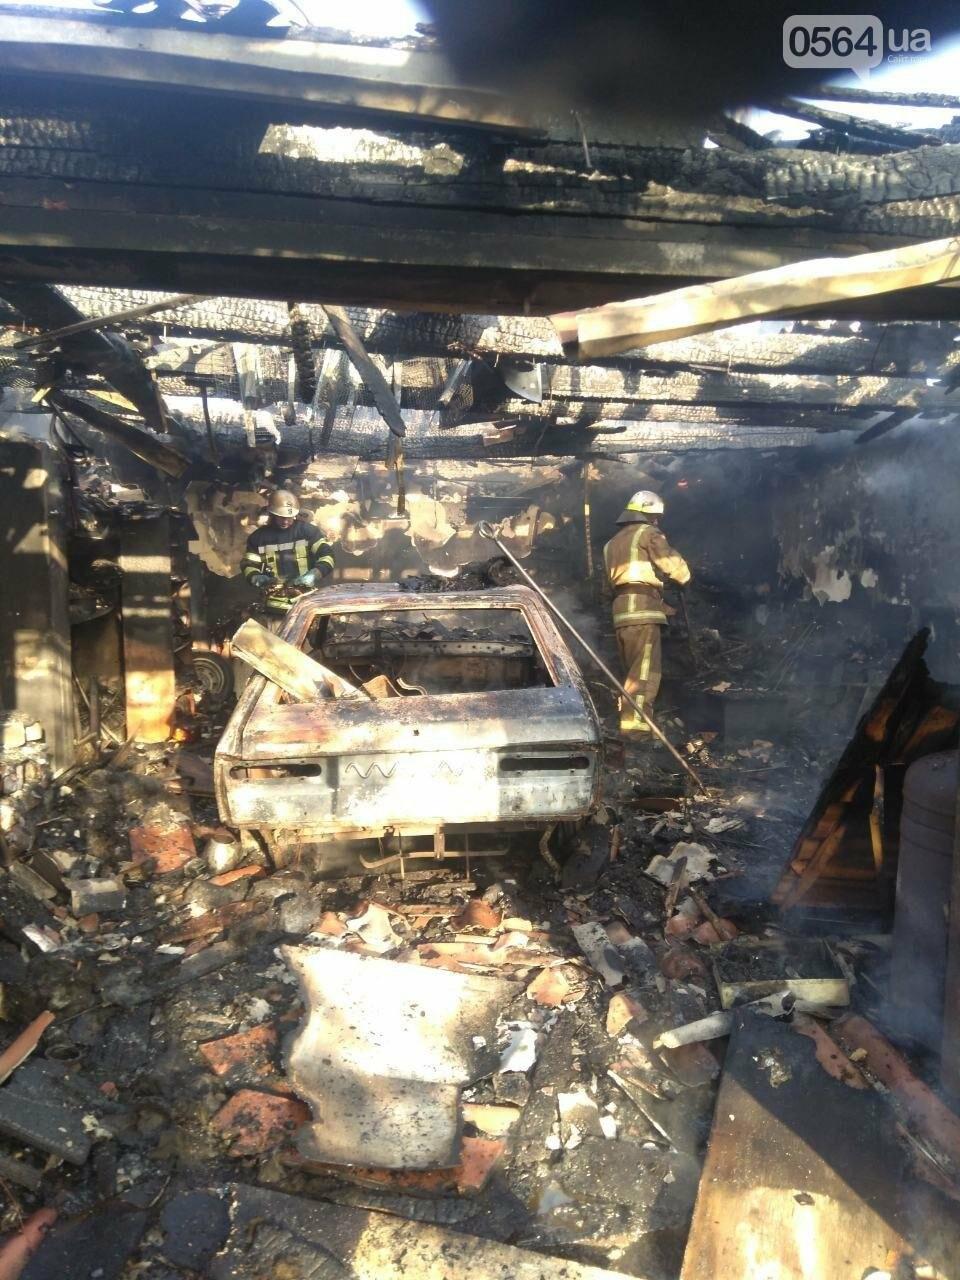 Машина, гараж, крыша летней кухни сгорели в результате пожара в Кривом Роге, - ФОТО  , фото-6